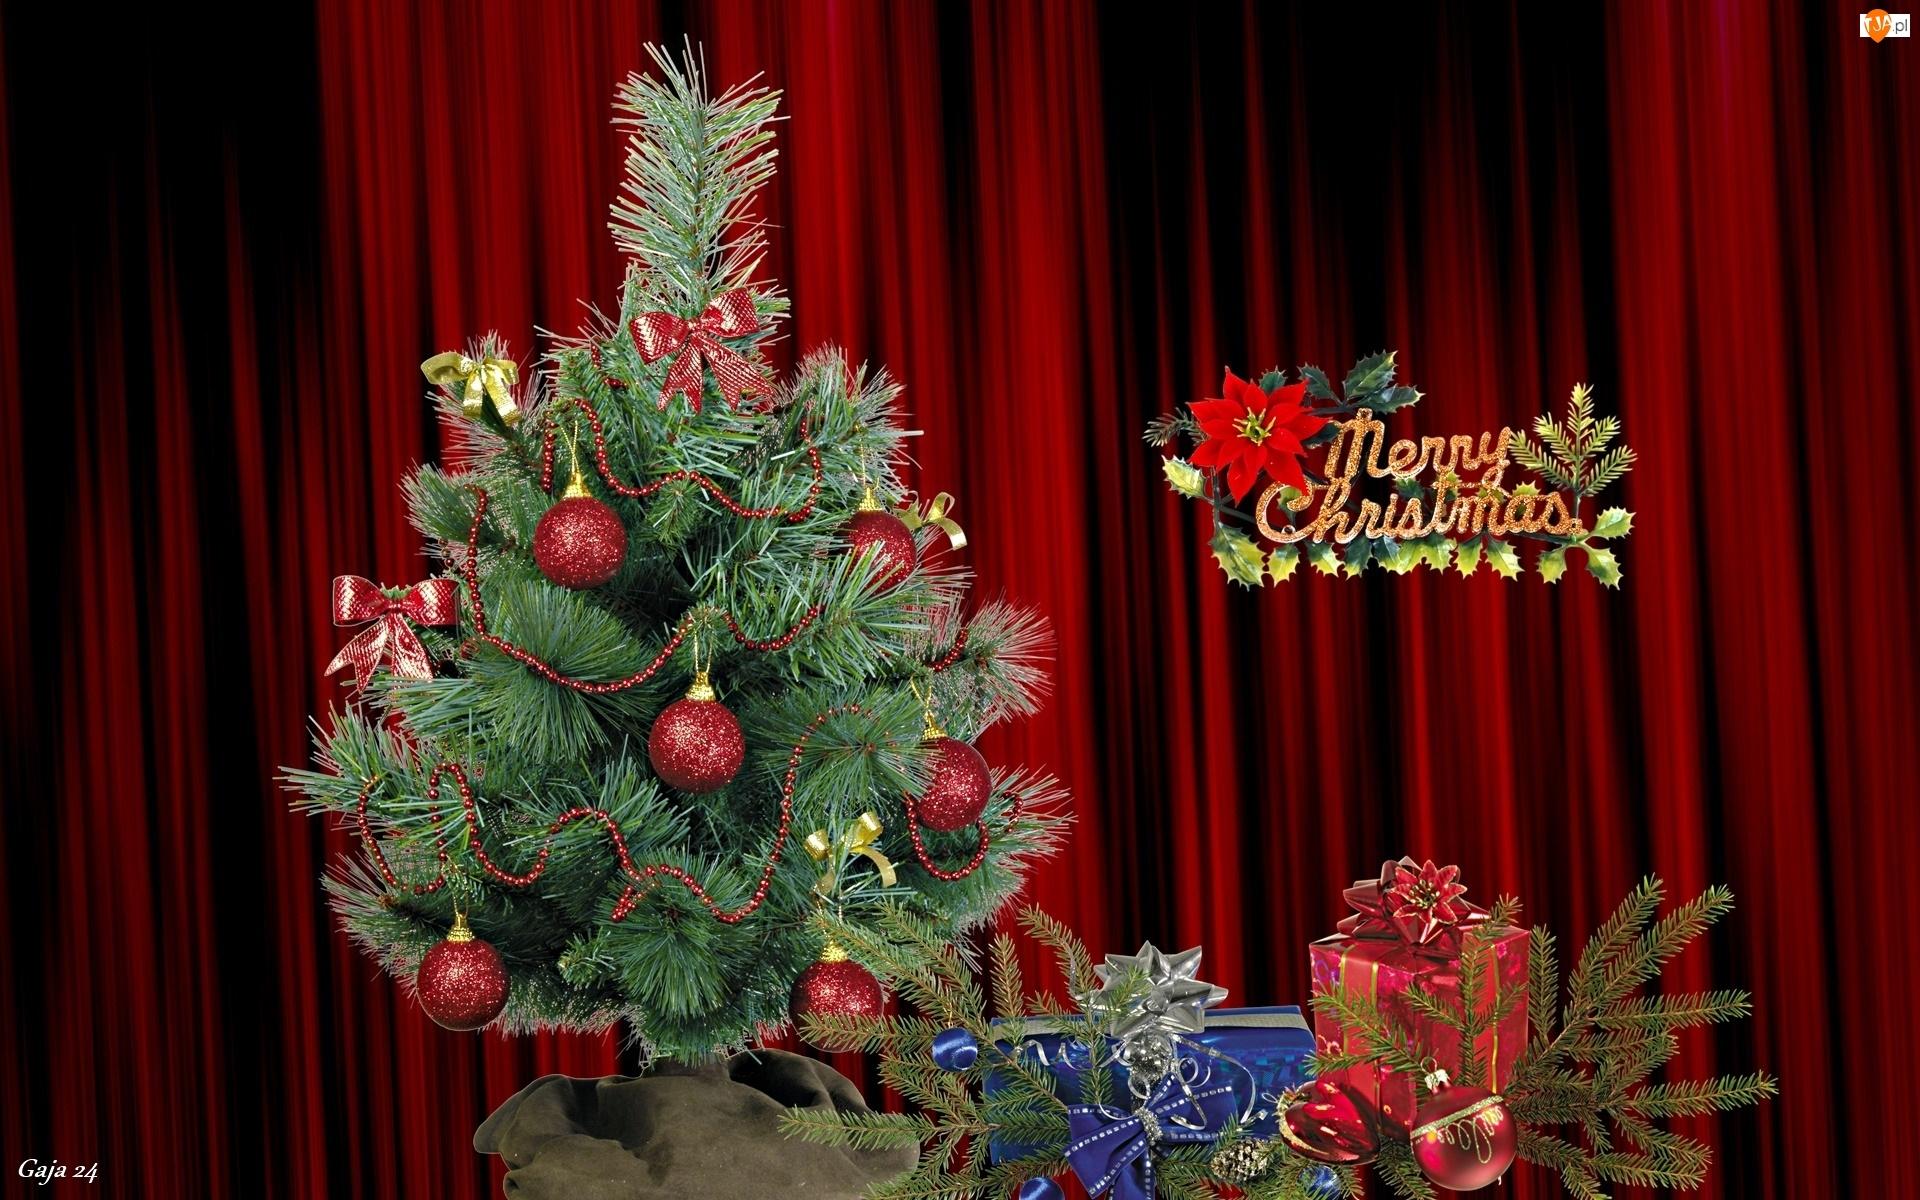 Święta, Choinka, Życzenia, Prezenty, Boże Narodzenie